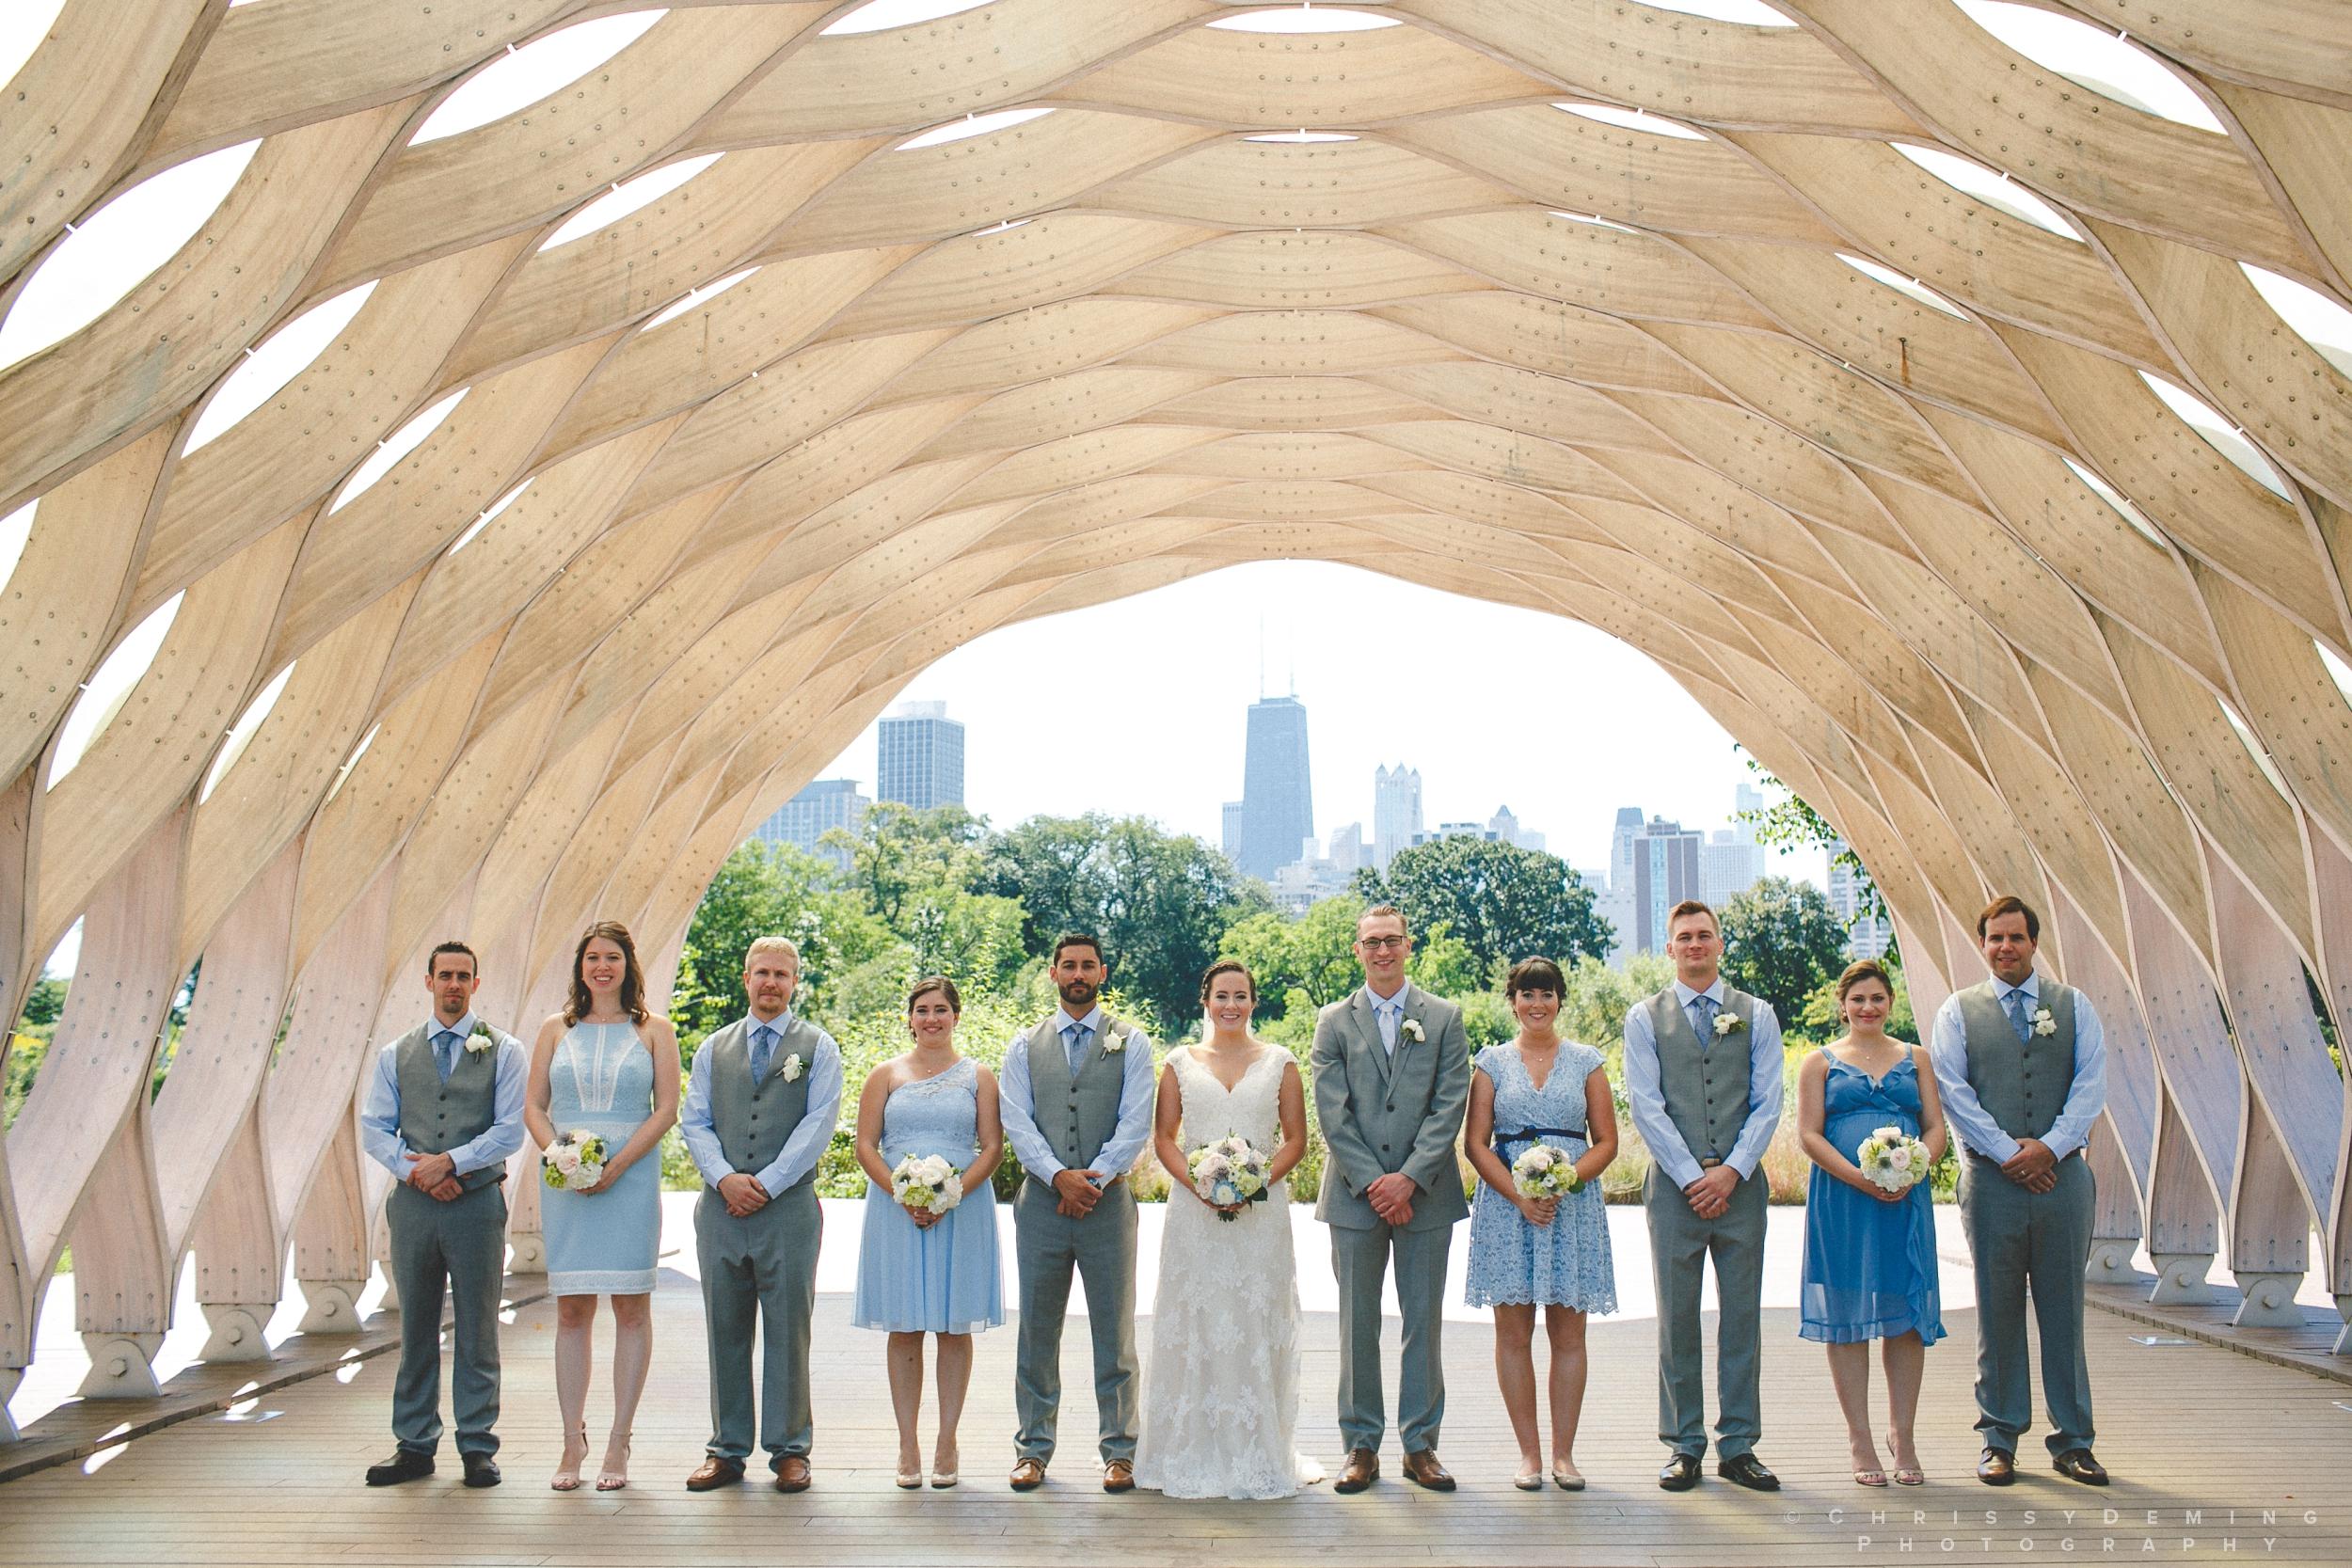 salvatores_chicago_ wedding_photographer_0027.jpg